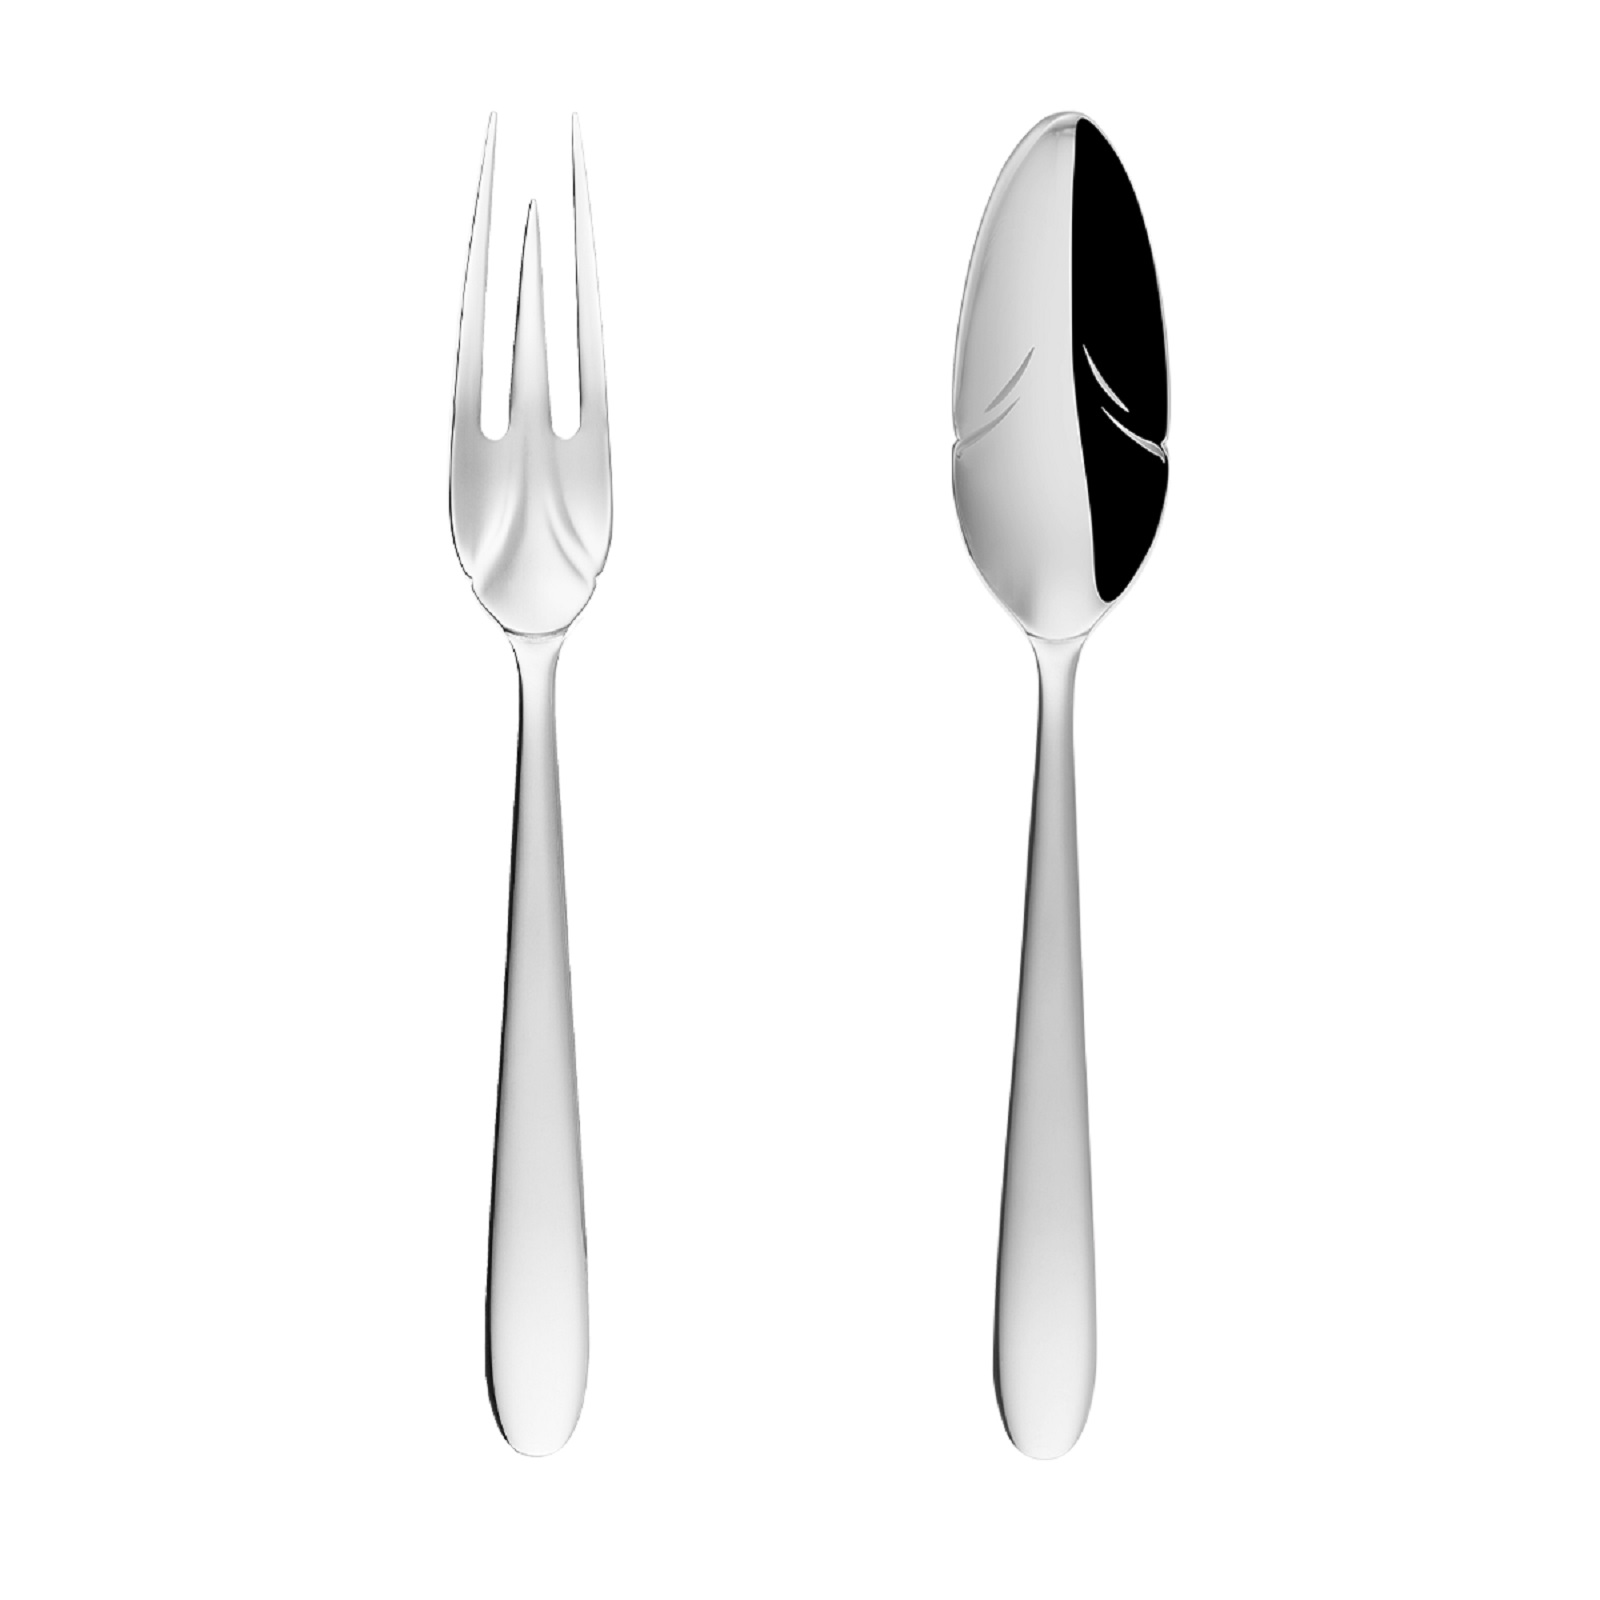 Онлайн каталог PROMENU: Набор столовых приборов Sola Switzerland Vegan, серебристый, 2 предмета Sola Switzerland 116537